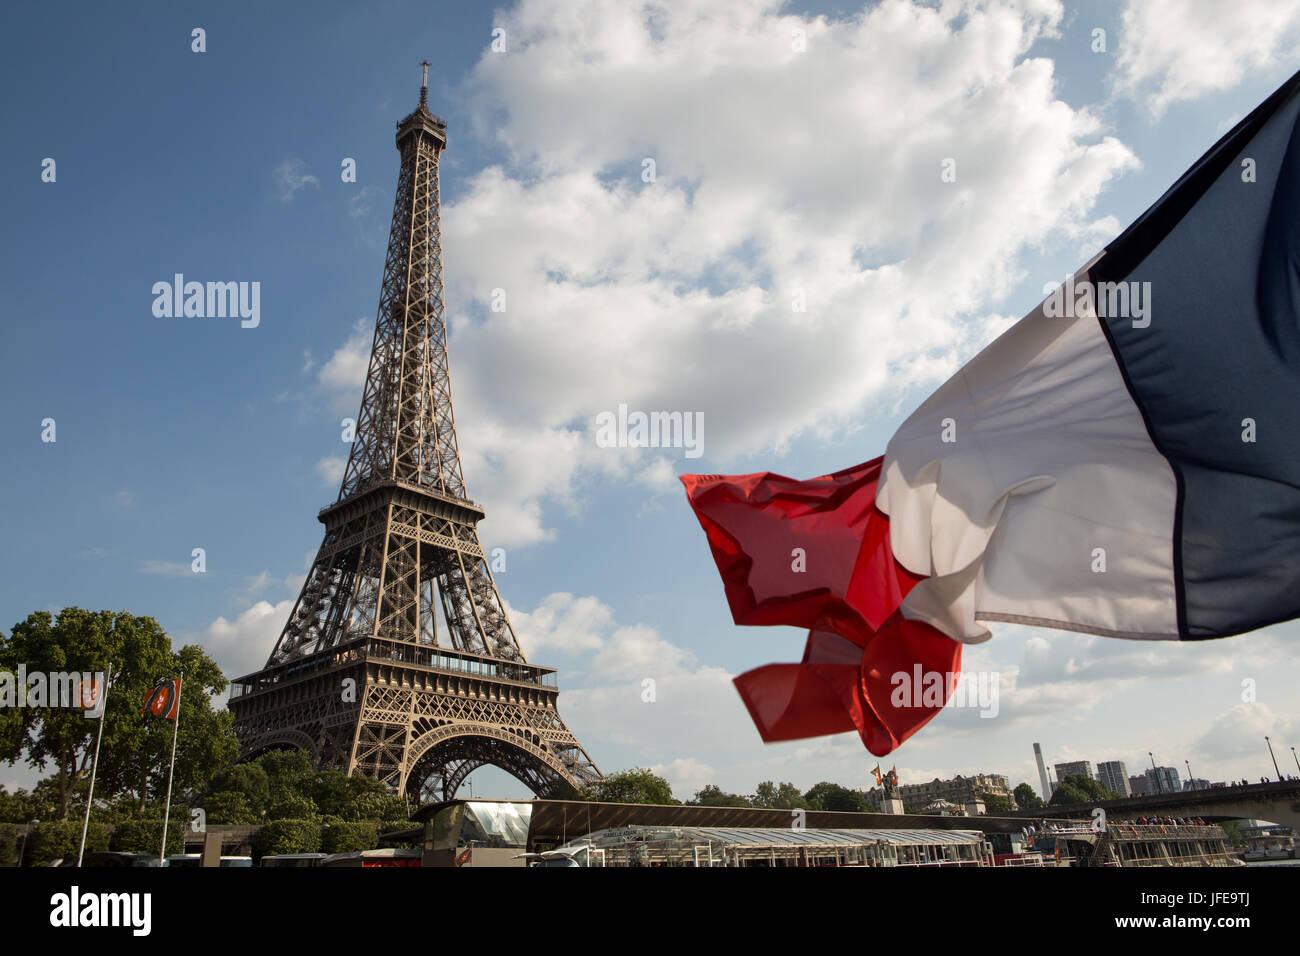 La bandera francesa sopla el viento delante de la Torre Eiffel. Foto de stock